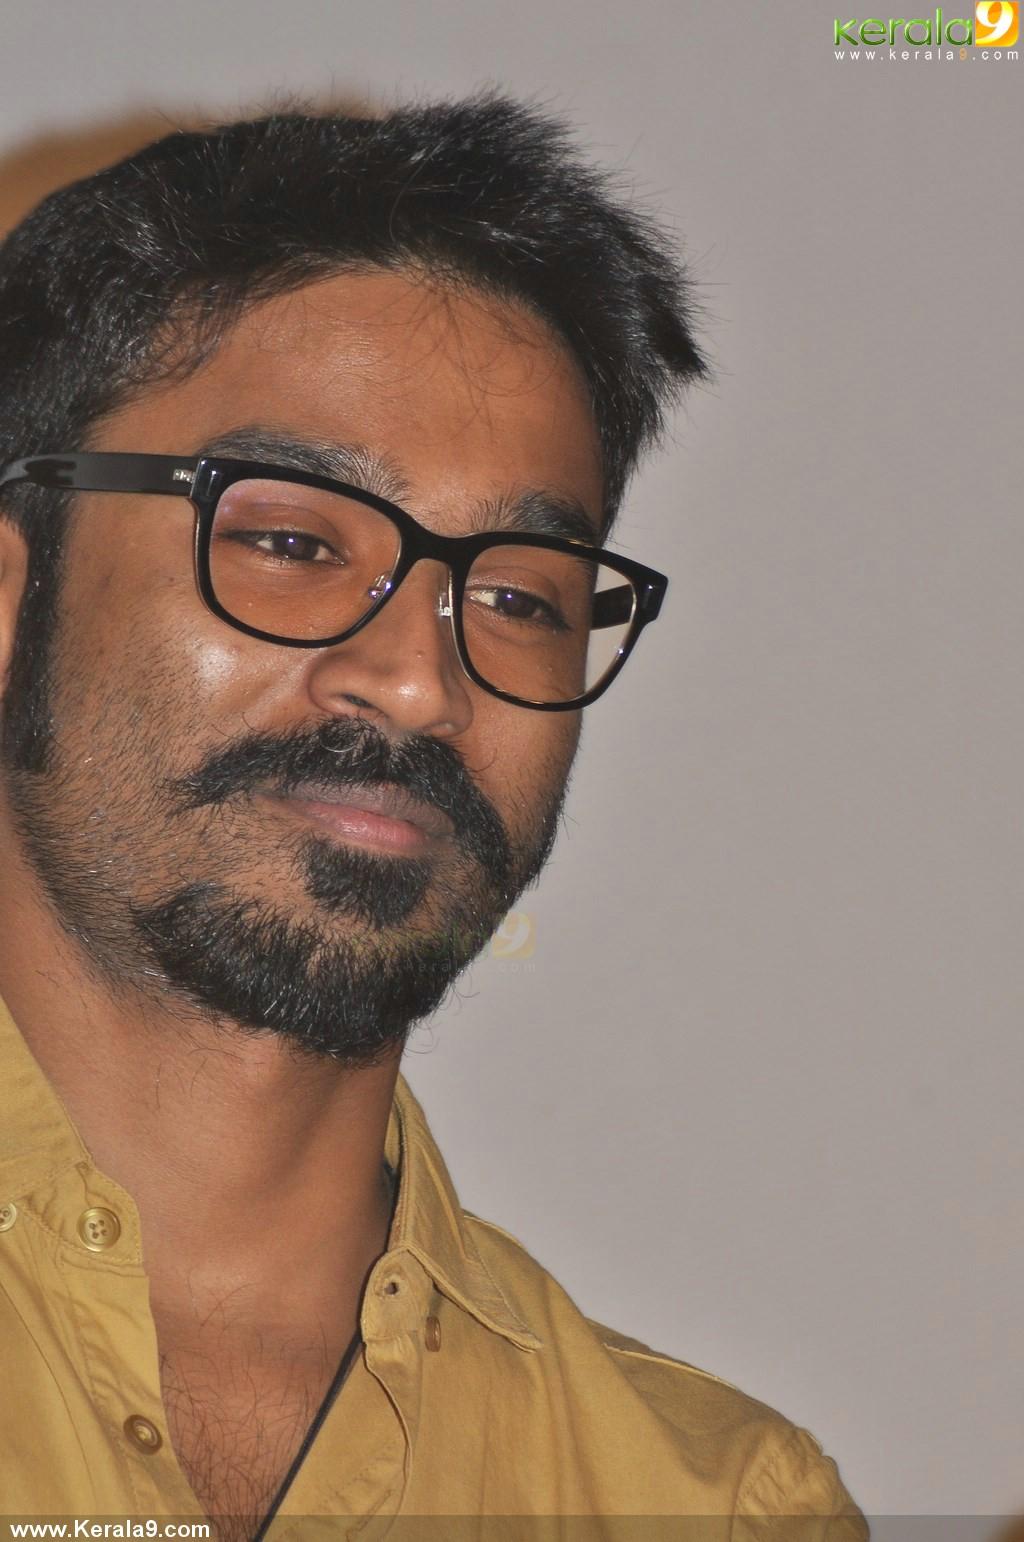 dhanush at anegan tamil movie audio launch photos 00477 - kerala9